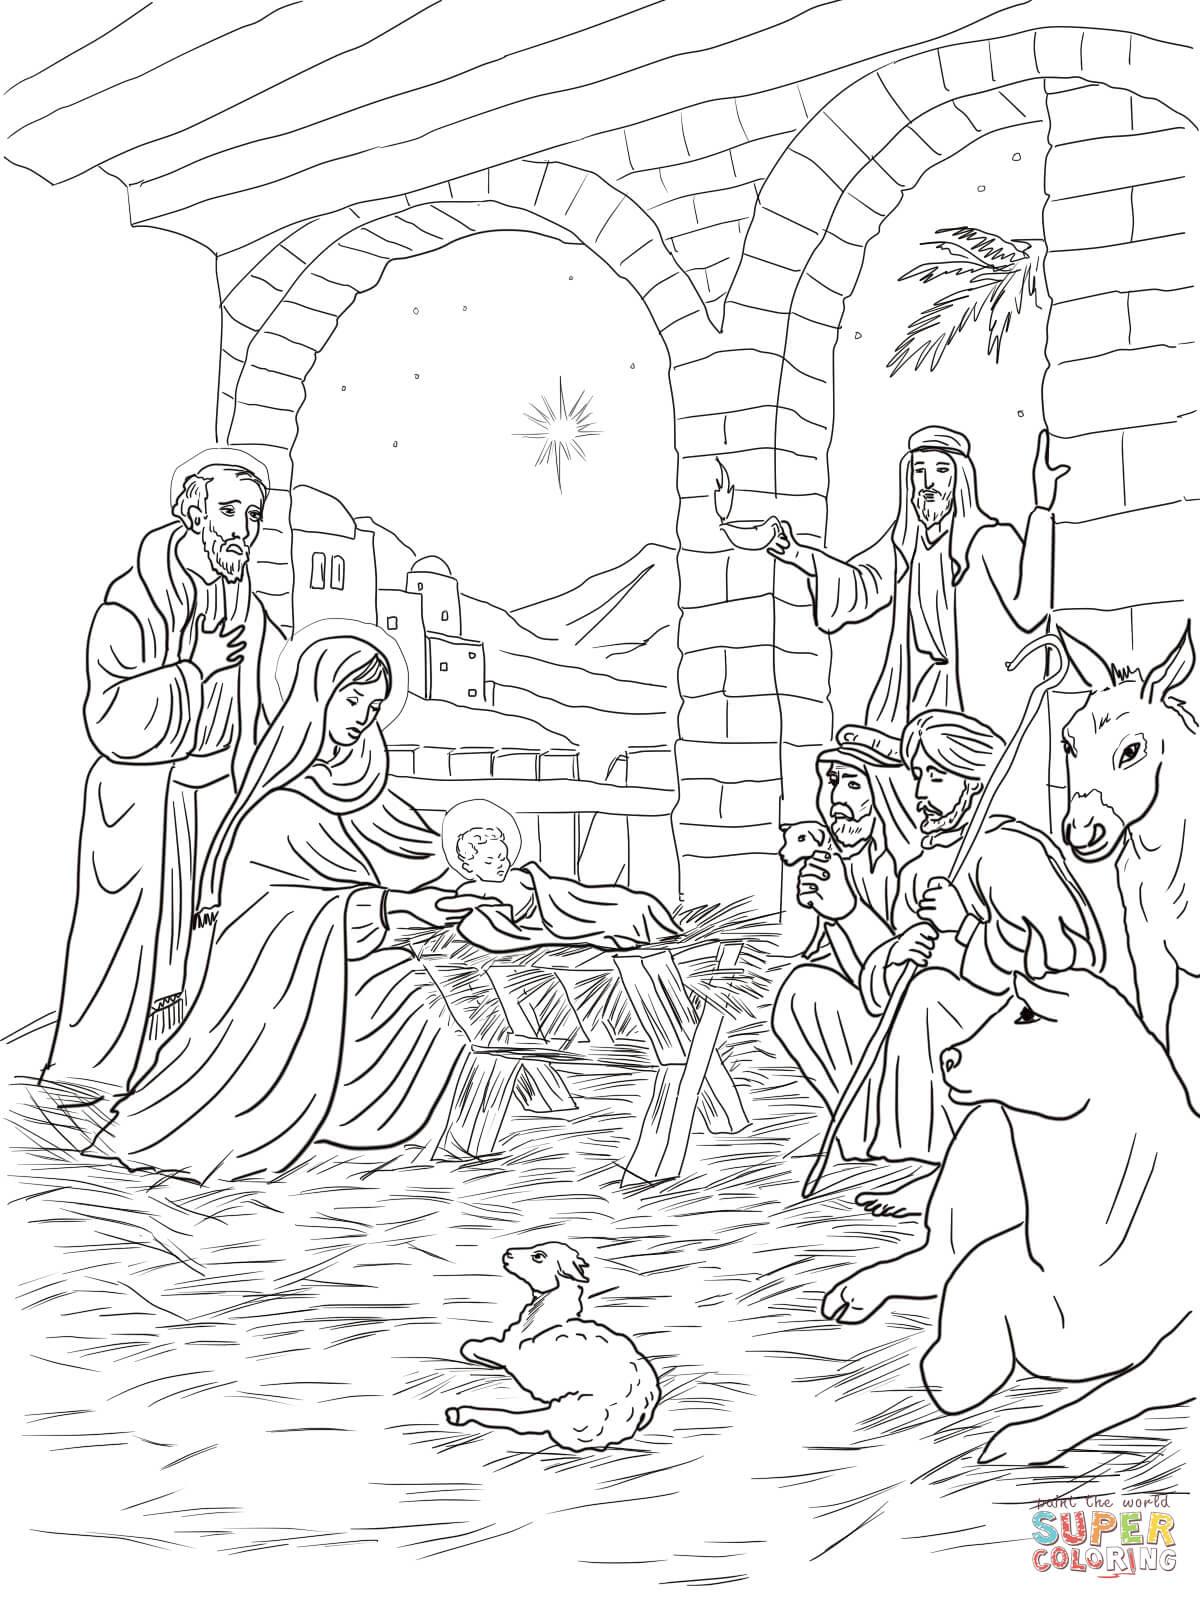 er sur la Les bergers viennent voir l enfant Jésus coloriages